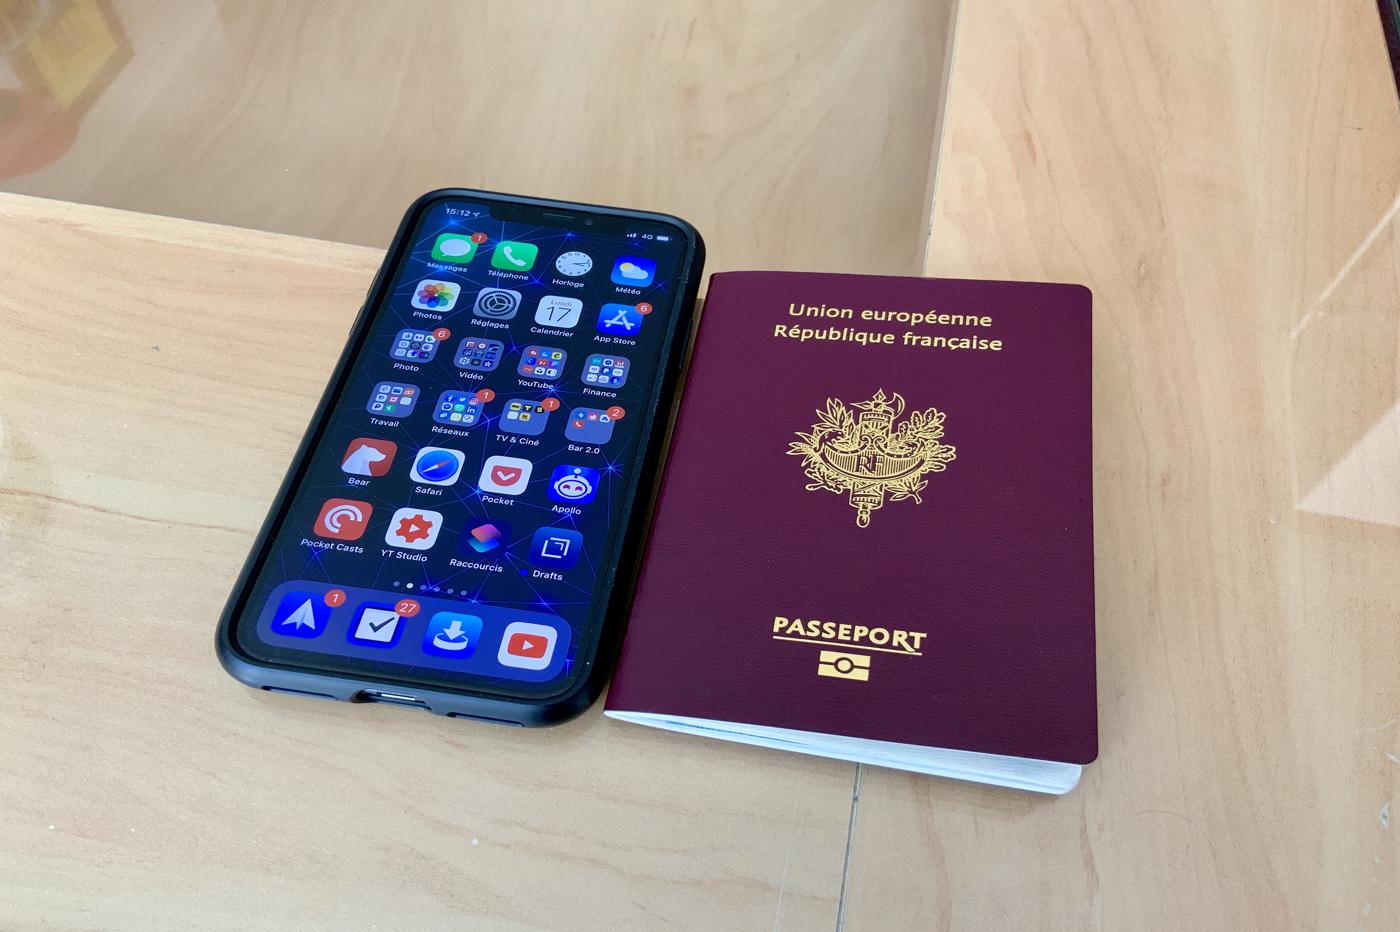 Avec iOS 13, l'iPhone peut scanner les cartes d'identité et les passeports 1